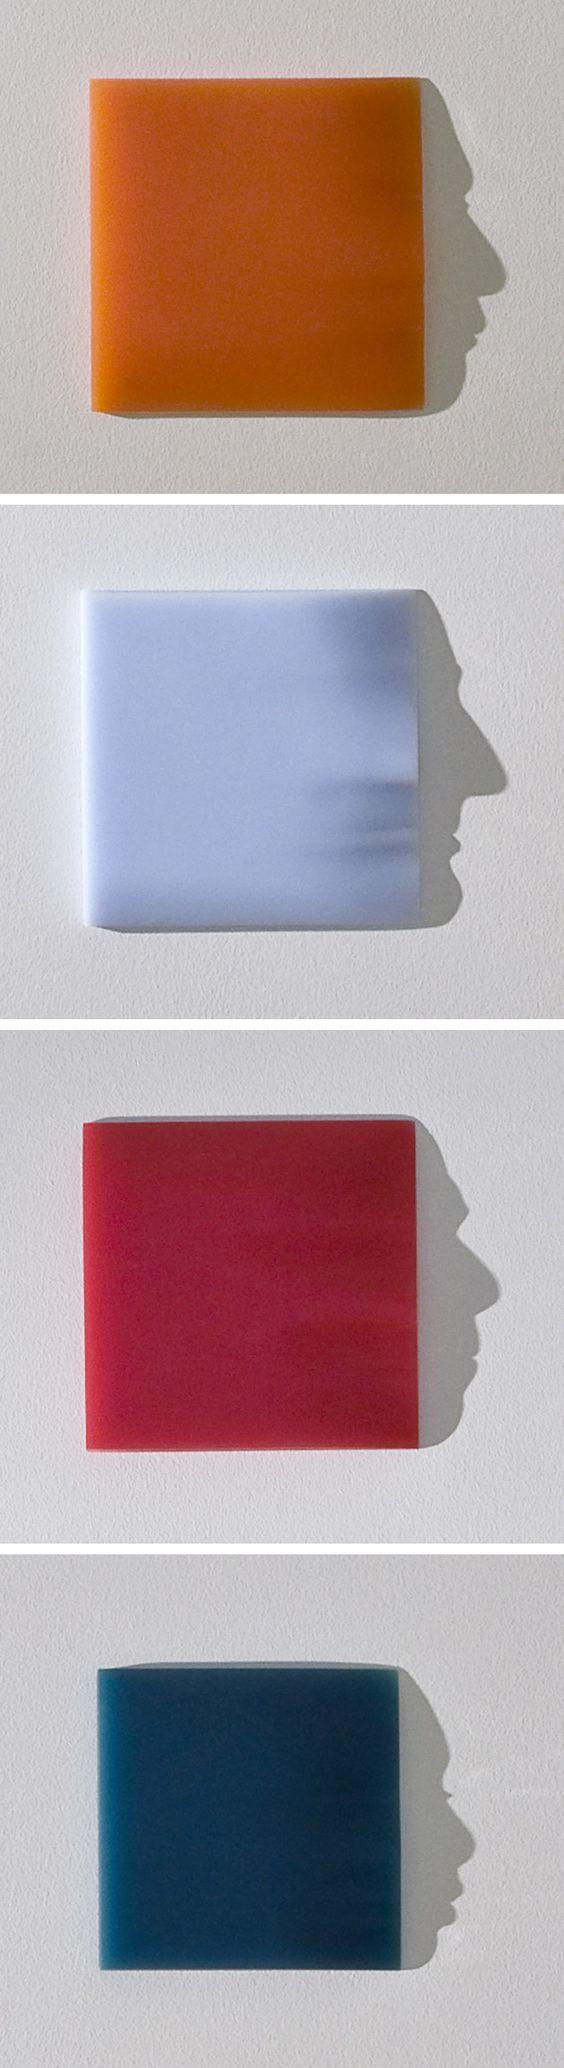 A artista japonesa Kumi Yamashita criou um projeto fotográfico com rostos formados por folhas de papel amassado.